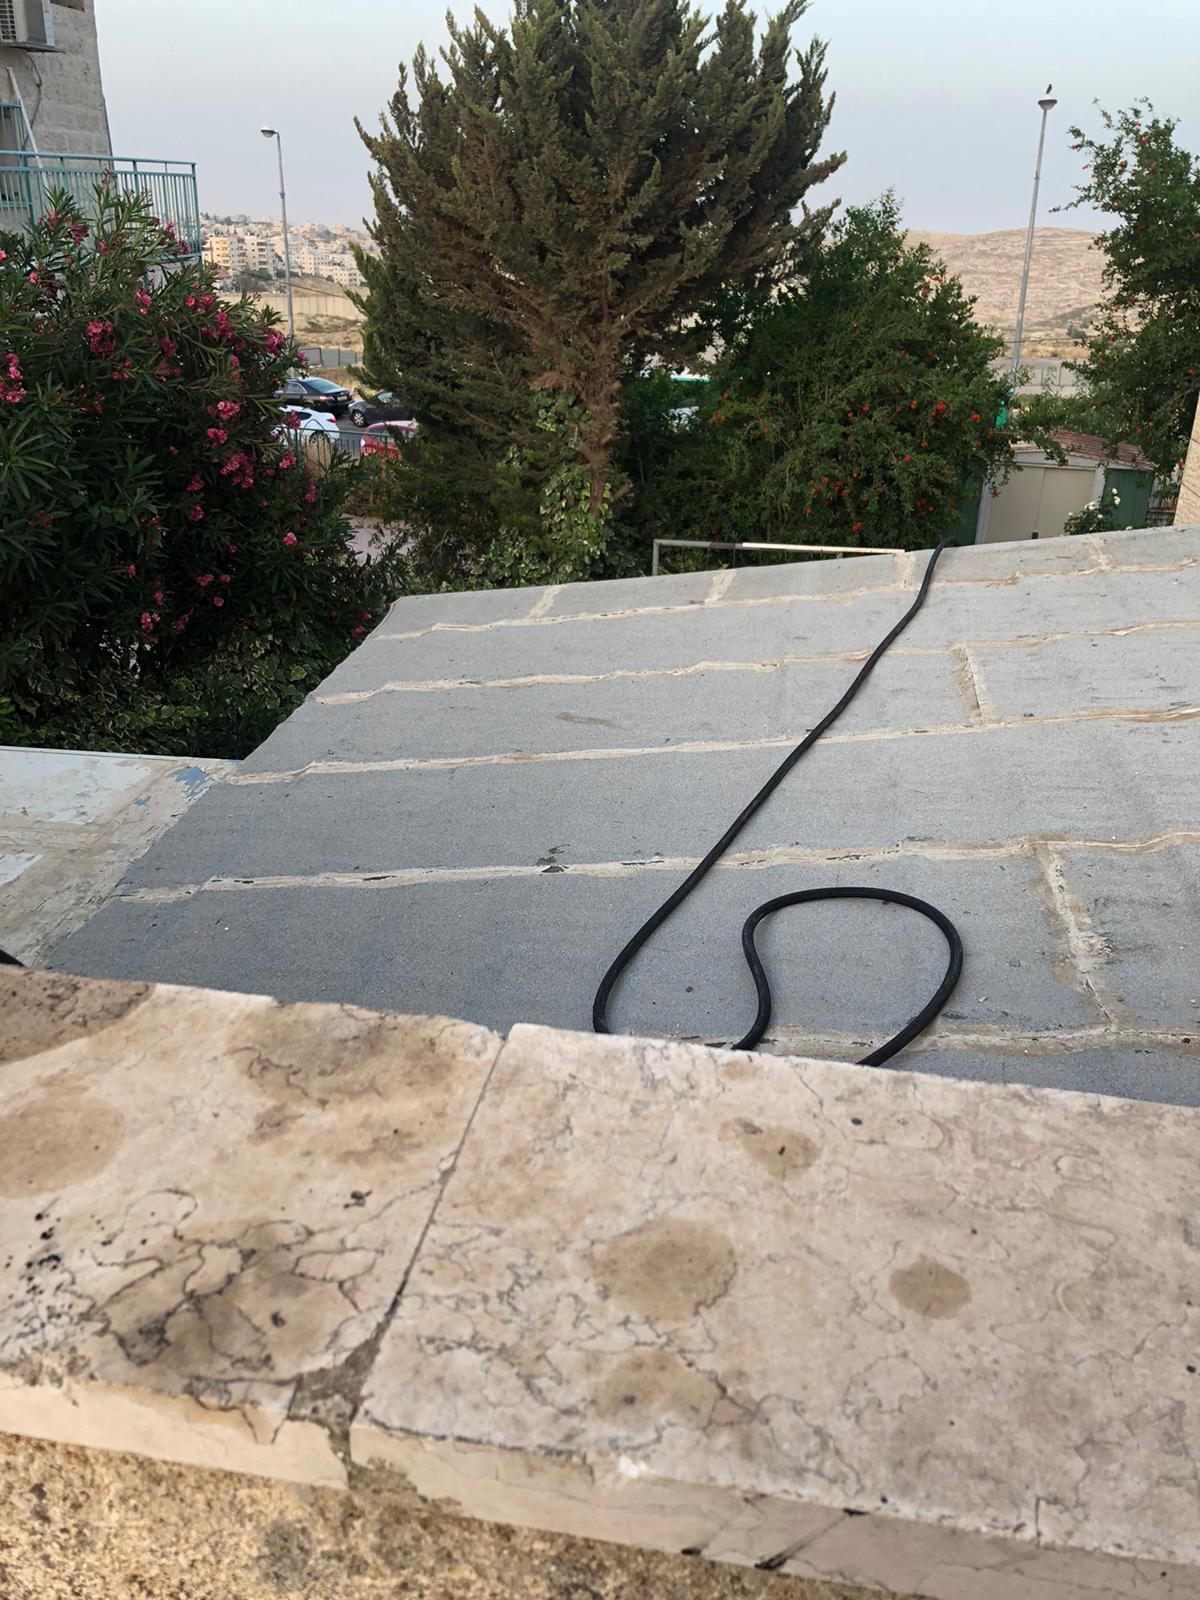 פתיחת סתימה ללקוח פרטי בשכונת פסגת זאב בירושלים.